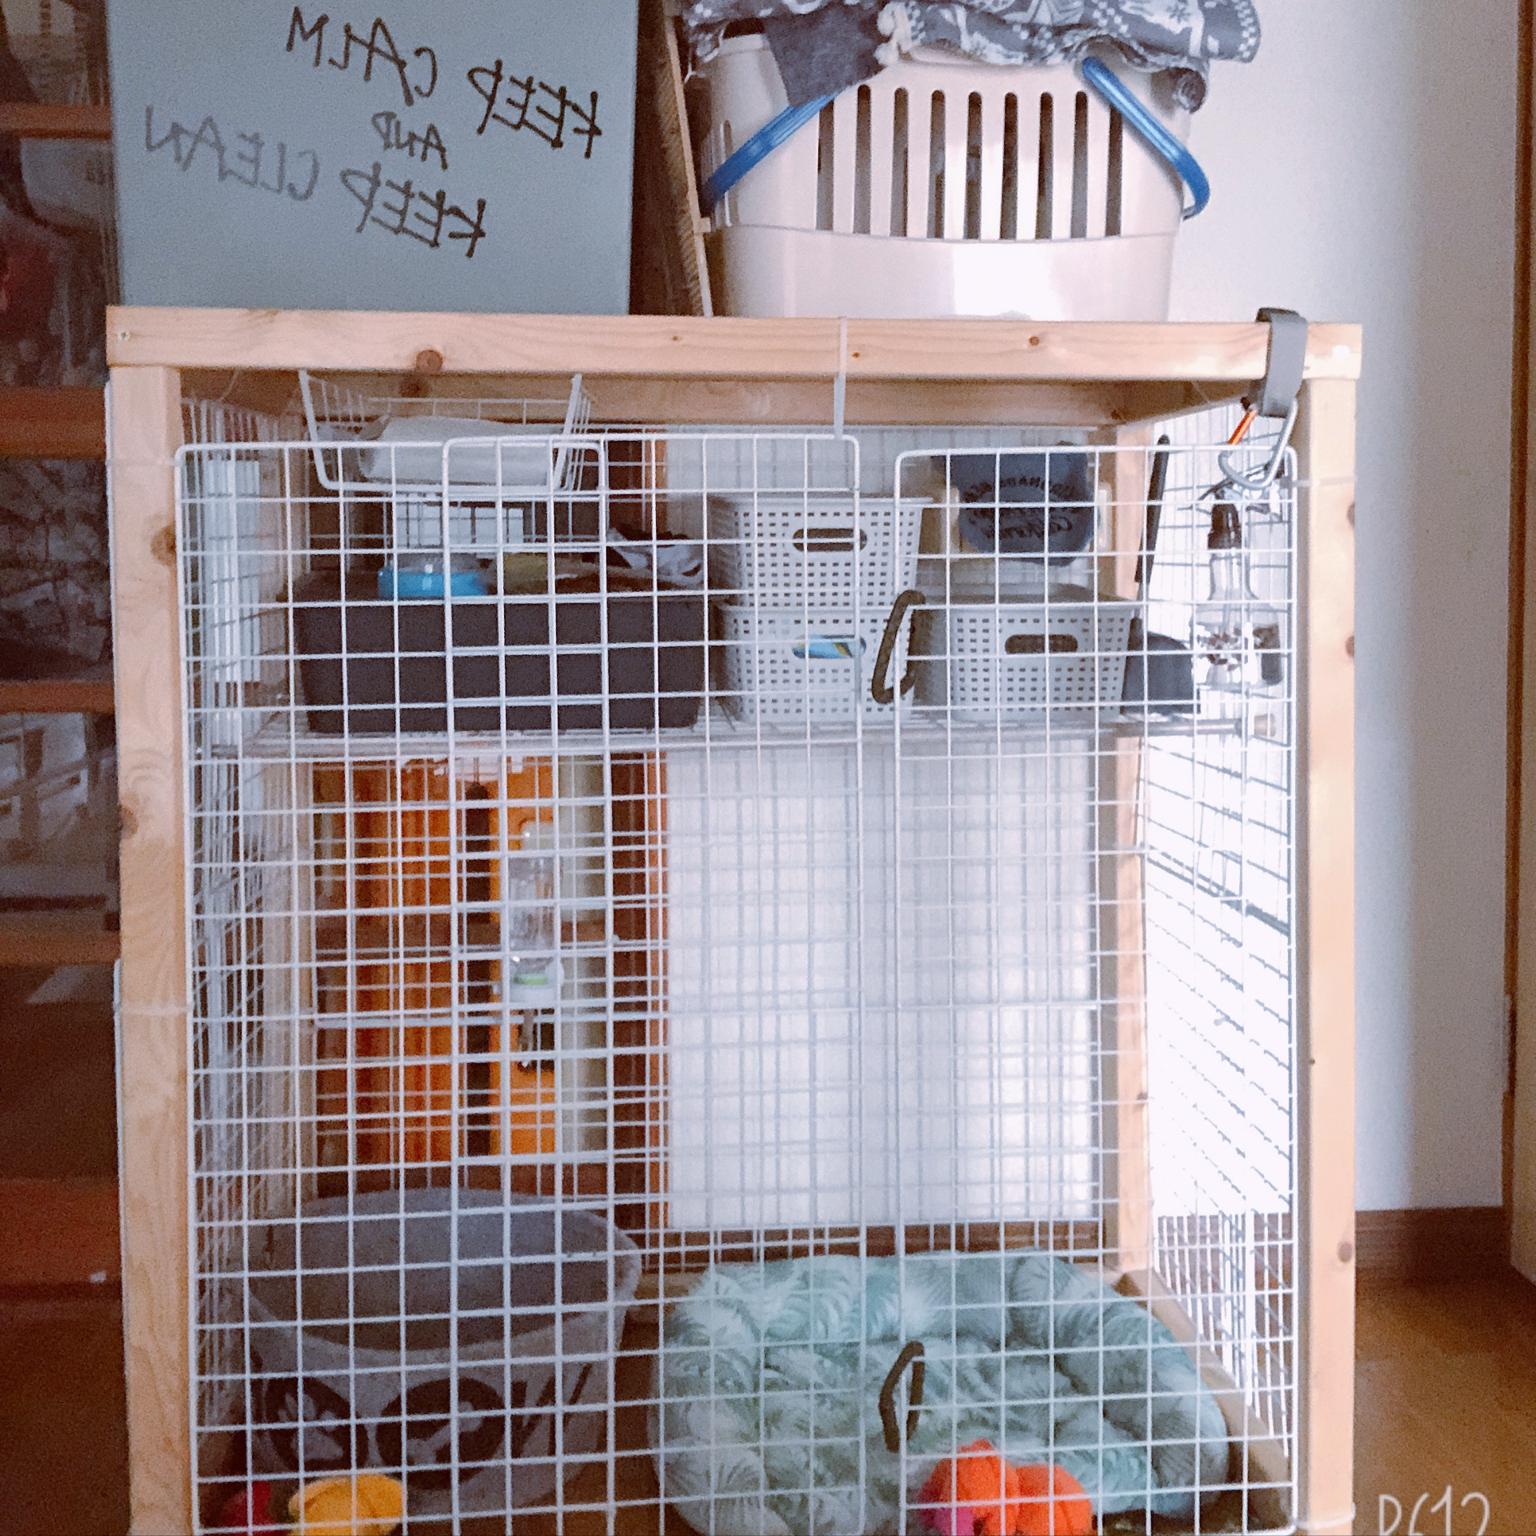 ホームワイド/ペットのいる暮らし/100均/DIY/ハンズマンで購入のインテリア実例 - 2020-07-11 17:02:05